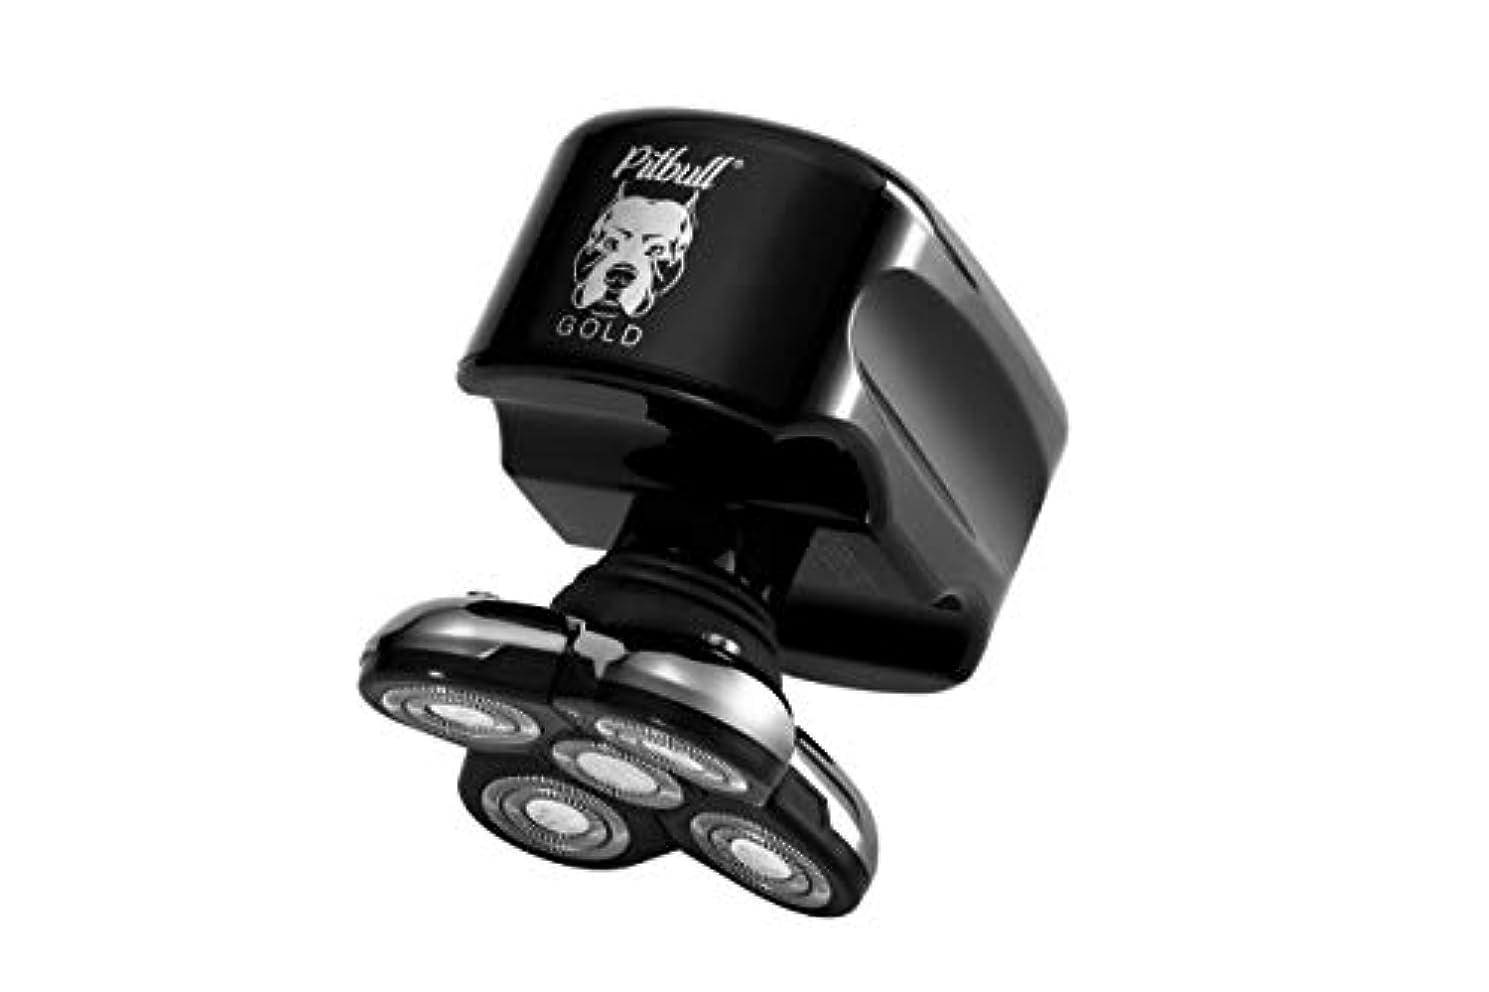 カウントアップ品揃え毎回Skull Shaver (スカルシェーバー) メンズシェーバー 5つの回転刃の 電動シェーバー (ゴールド)